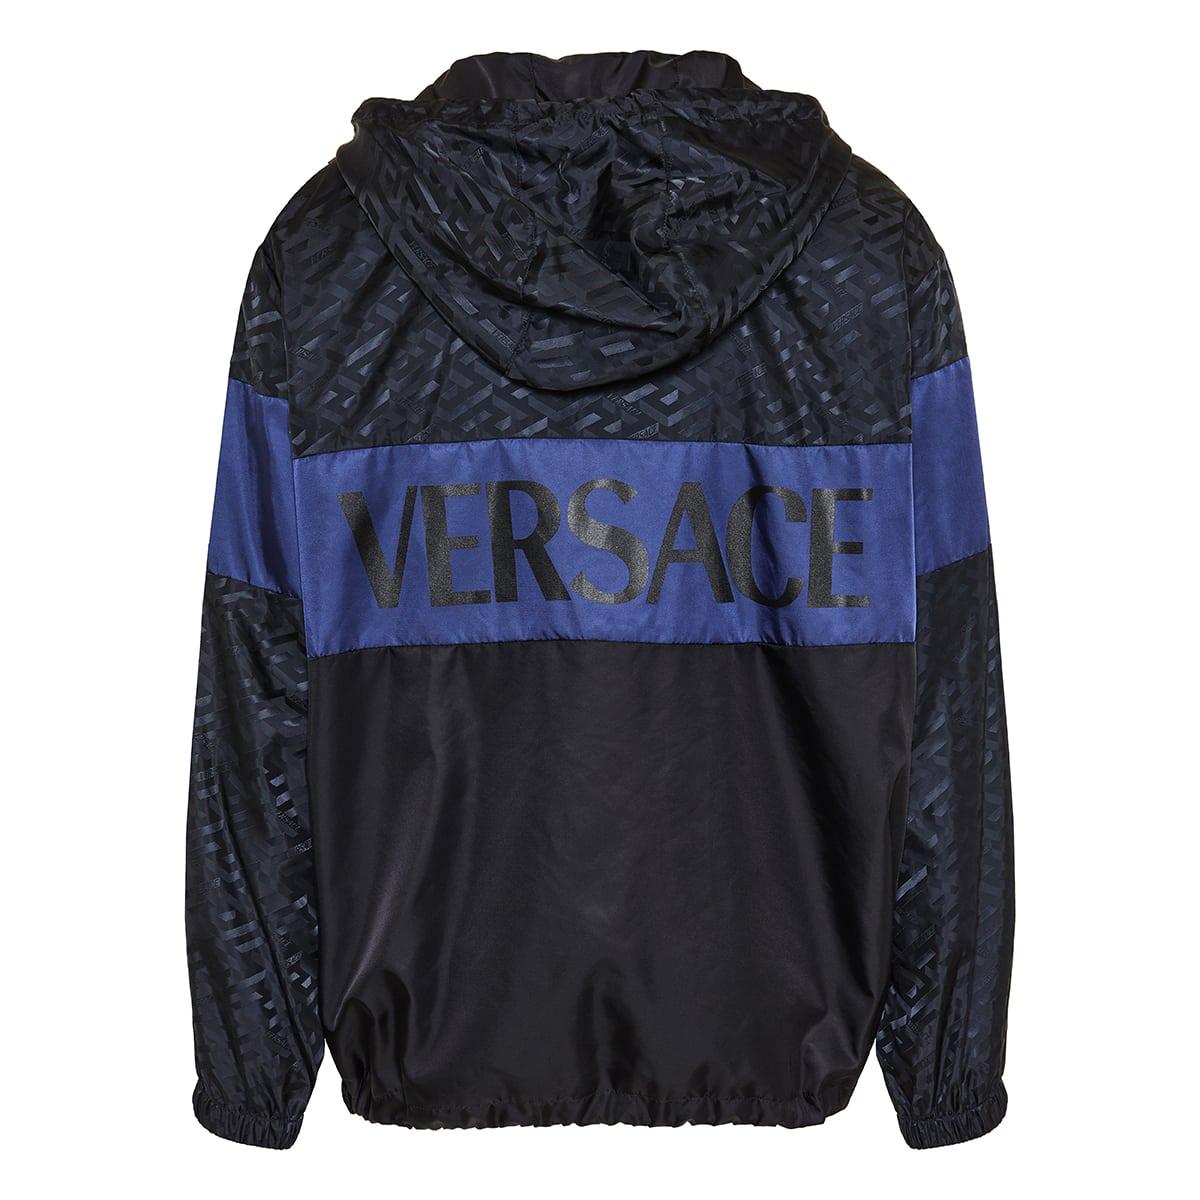 Greca jacquard nylon jacket